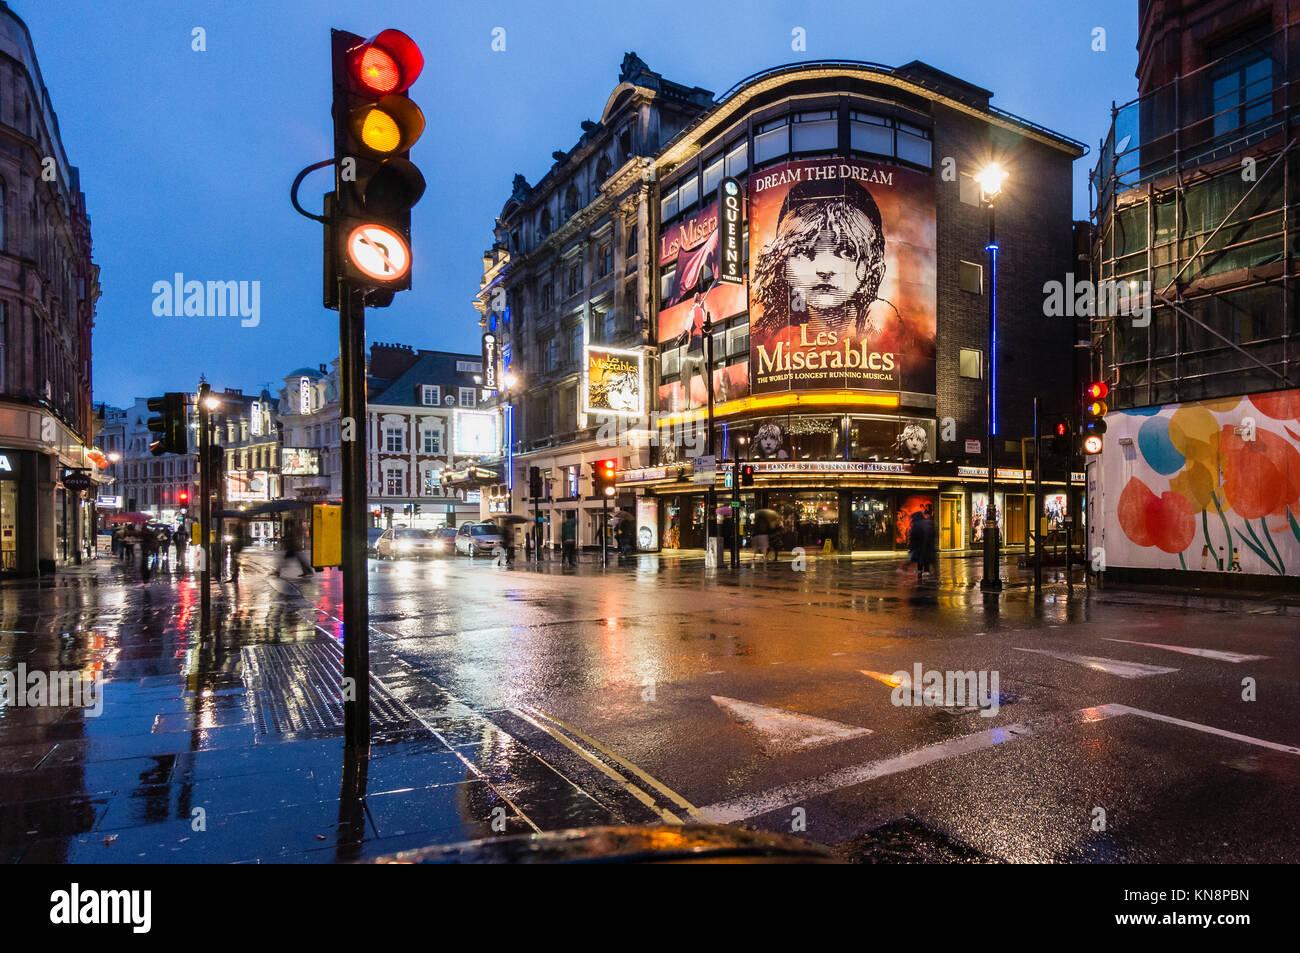 Les Miserables, Queens Theatre, Shaftesbury Avenue, West End, Regen, London, UK Stockbild